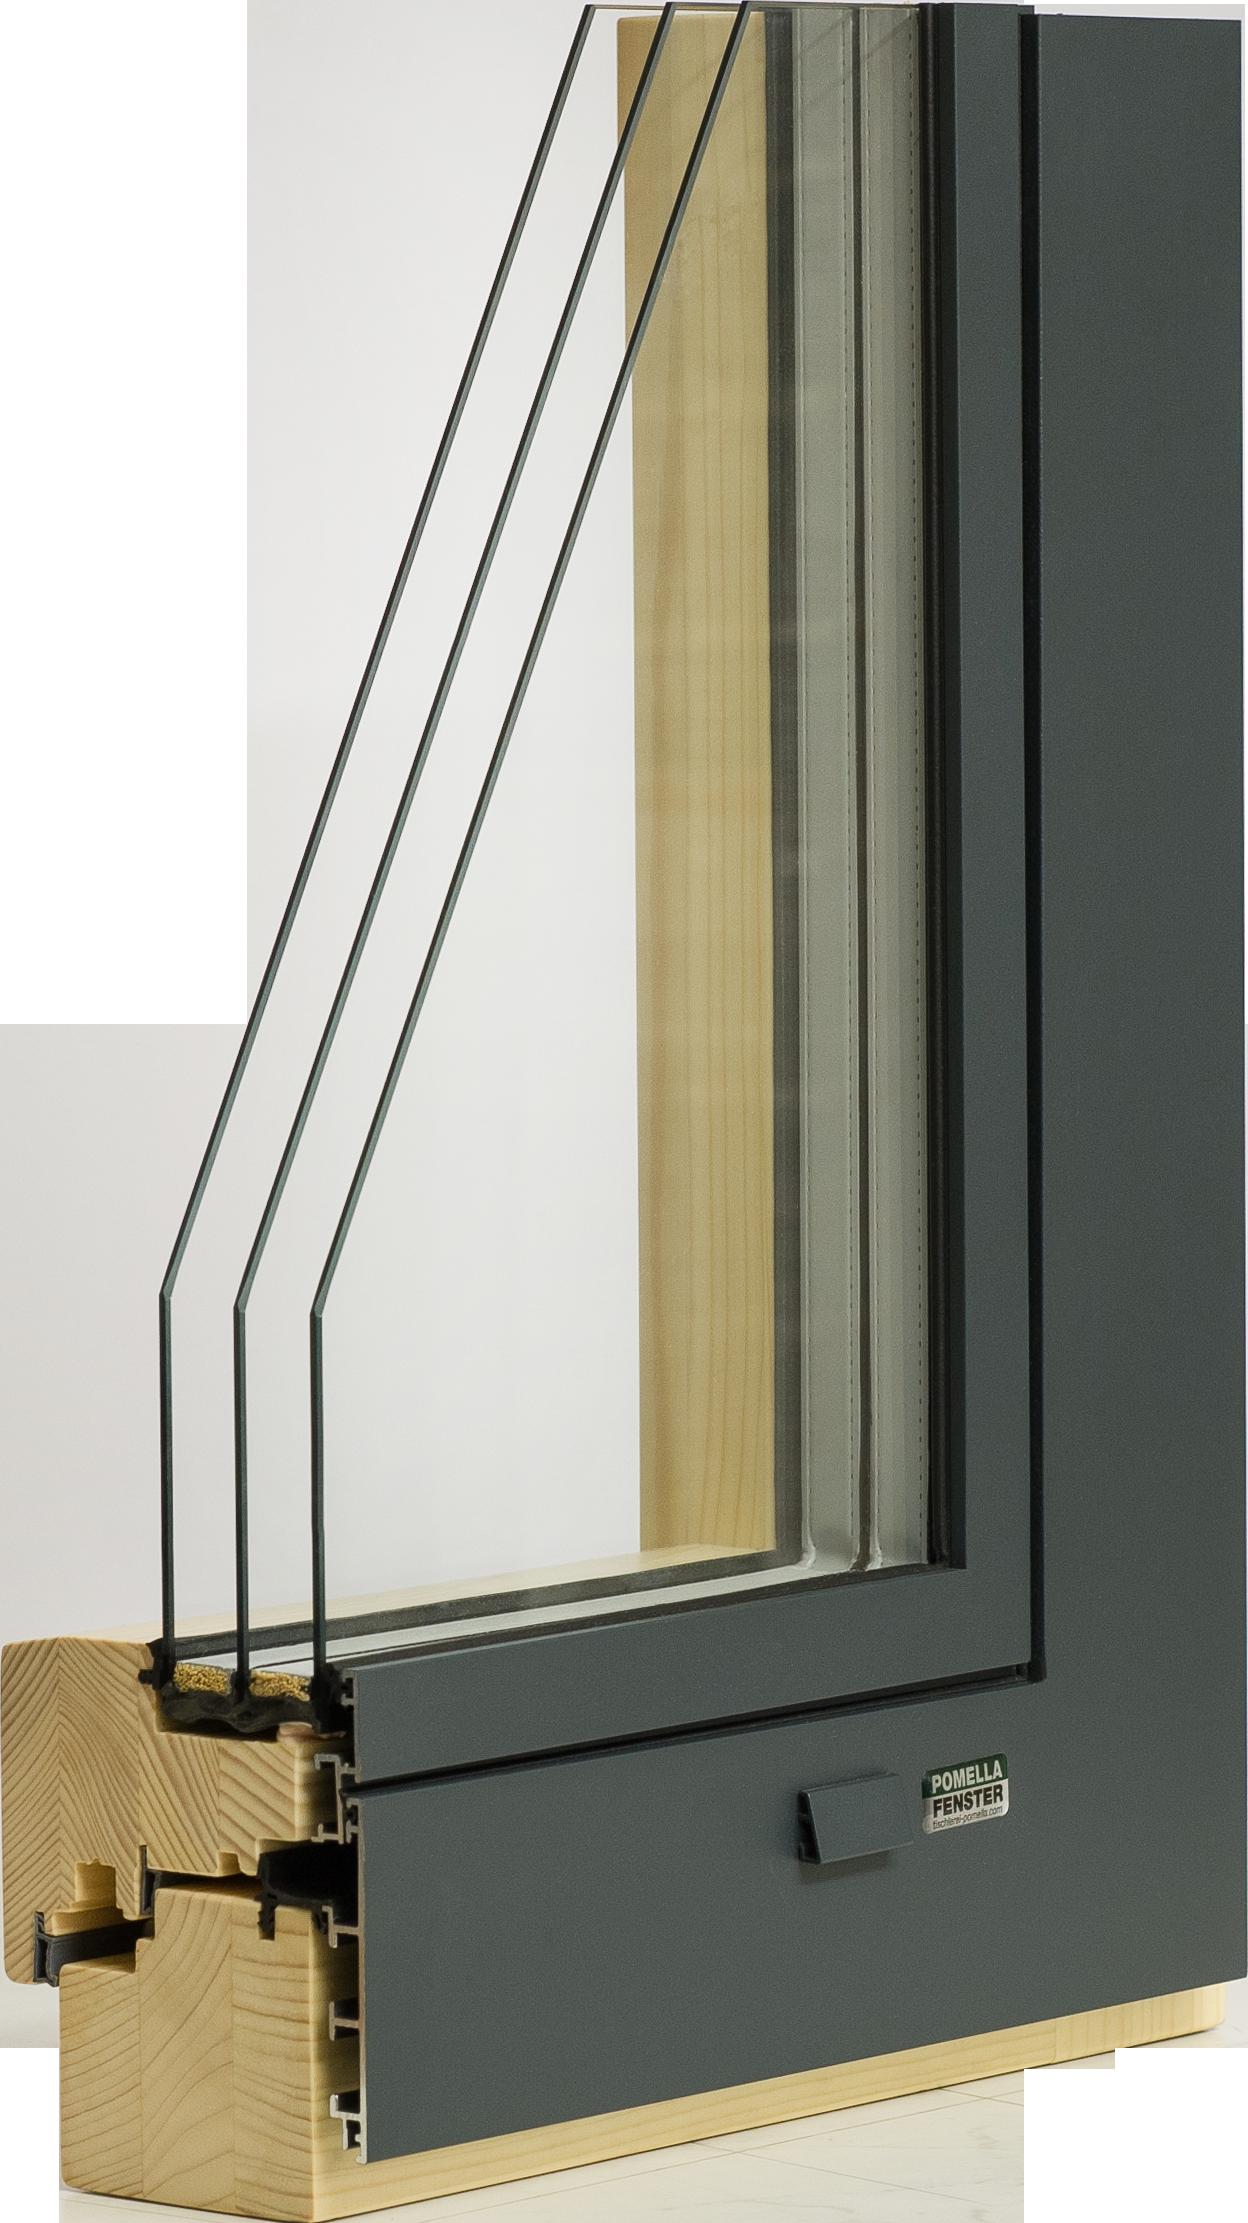 Full Size of Fenster 3 Fach Verglasung Verglast Kosten Kaufen Preise Online Kunststoff Preis Nachteile Holz Alu Mit Auen Flchenbndig Flachdach Dachschräge Folie Für Fenster Fenster 3 Fach Verglasung